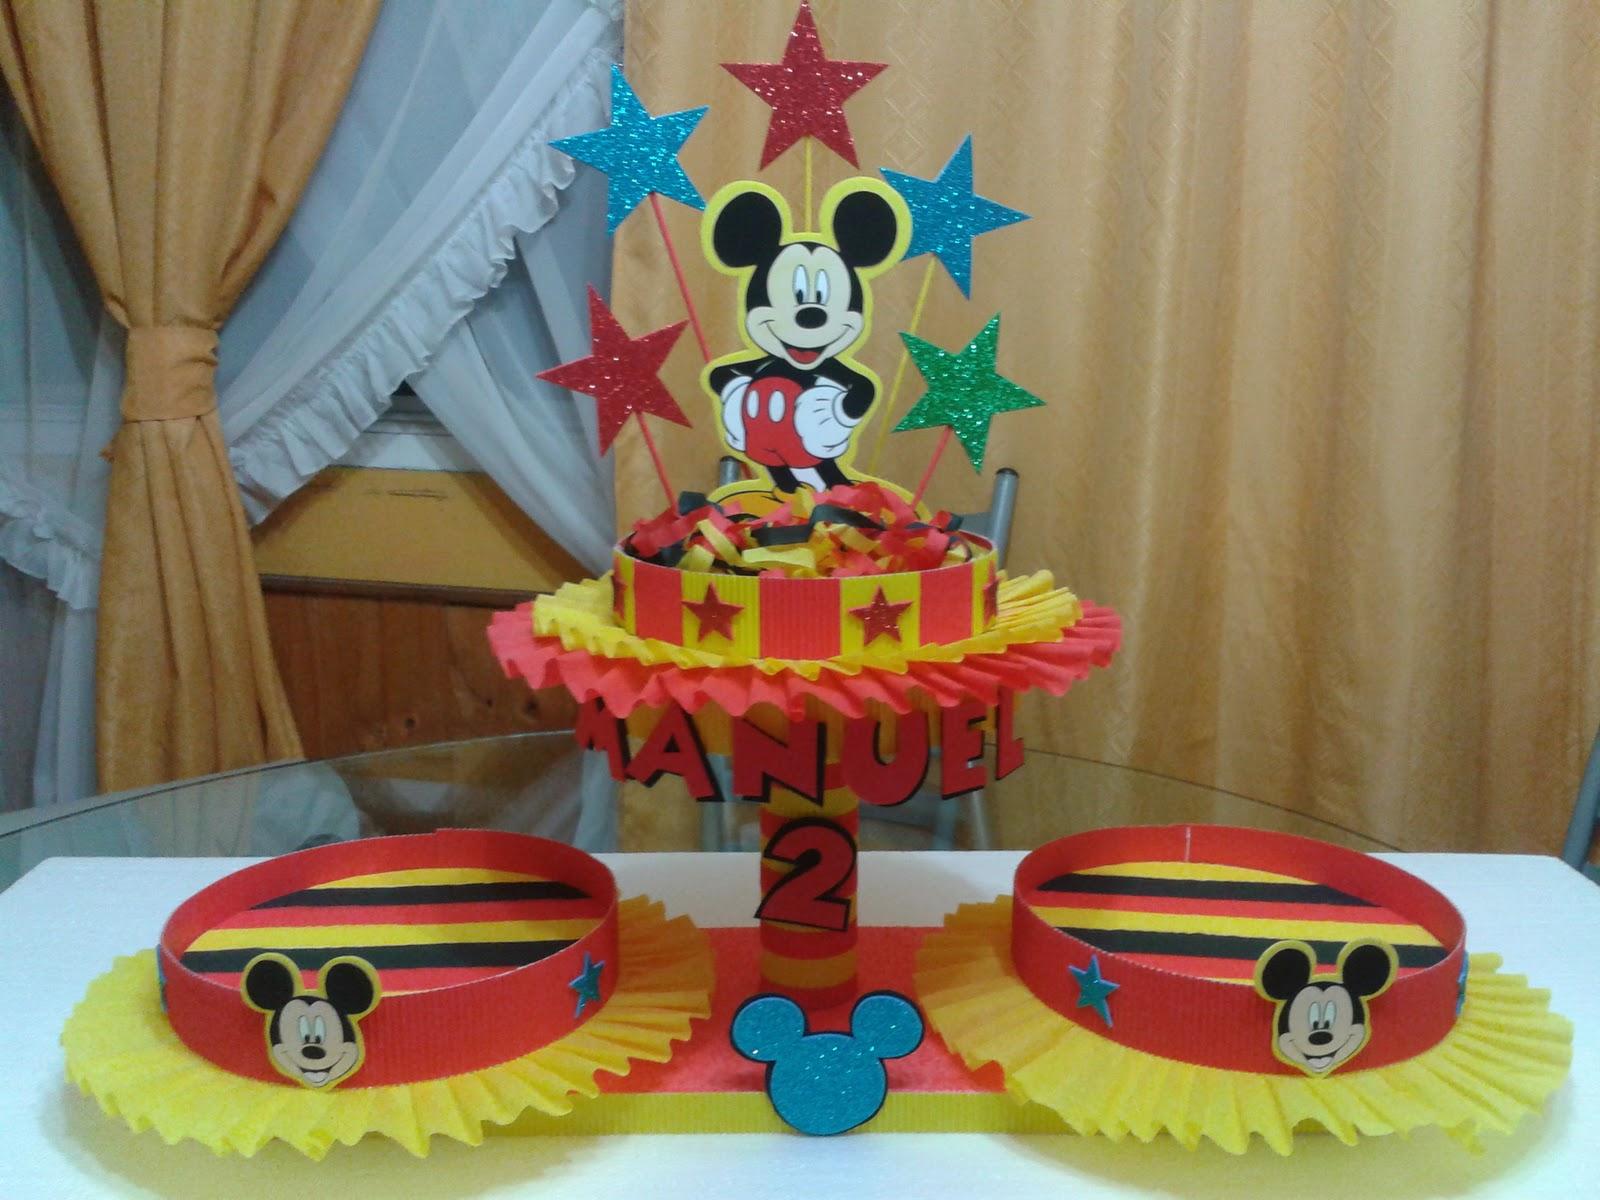 Mickey mouse decoraciones infantiles for Decoraciones infantiles